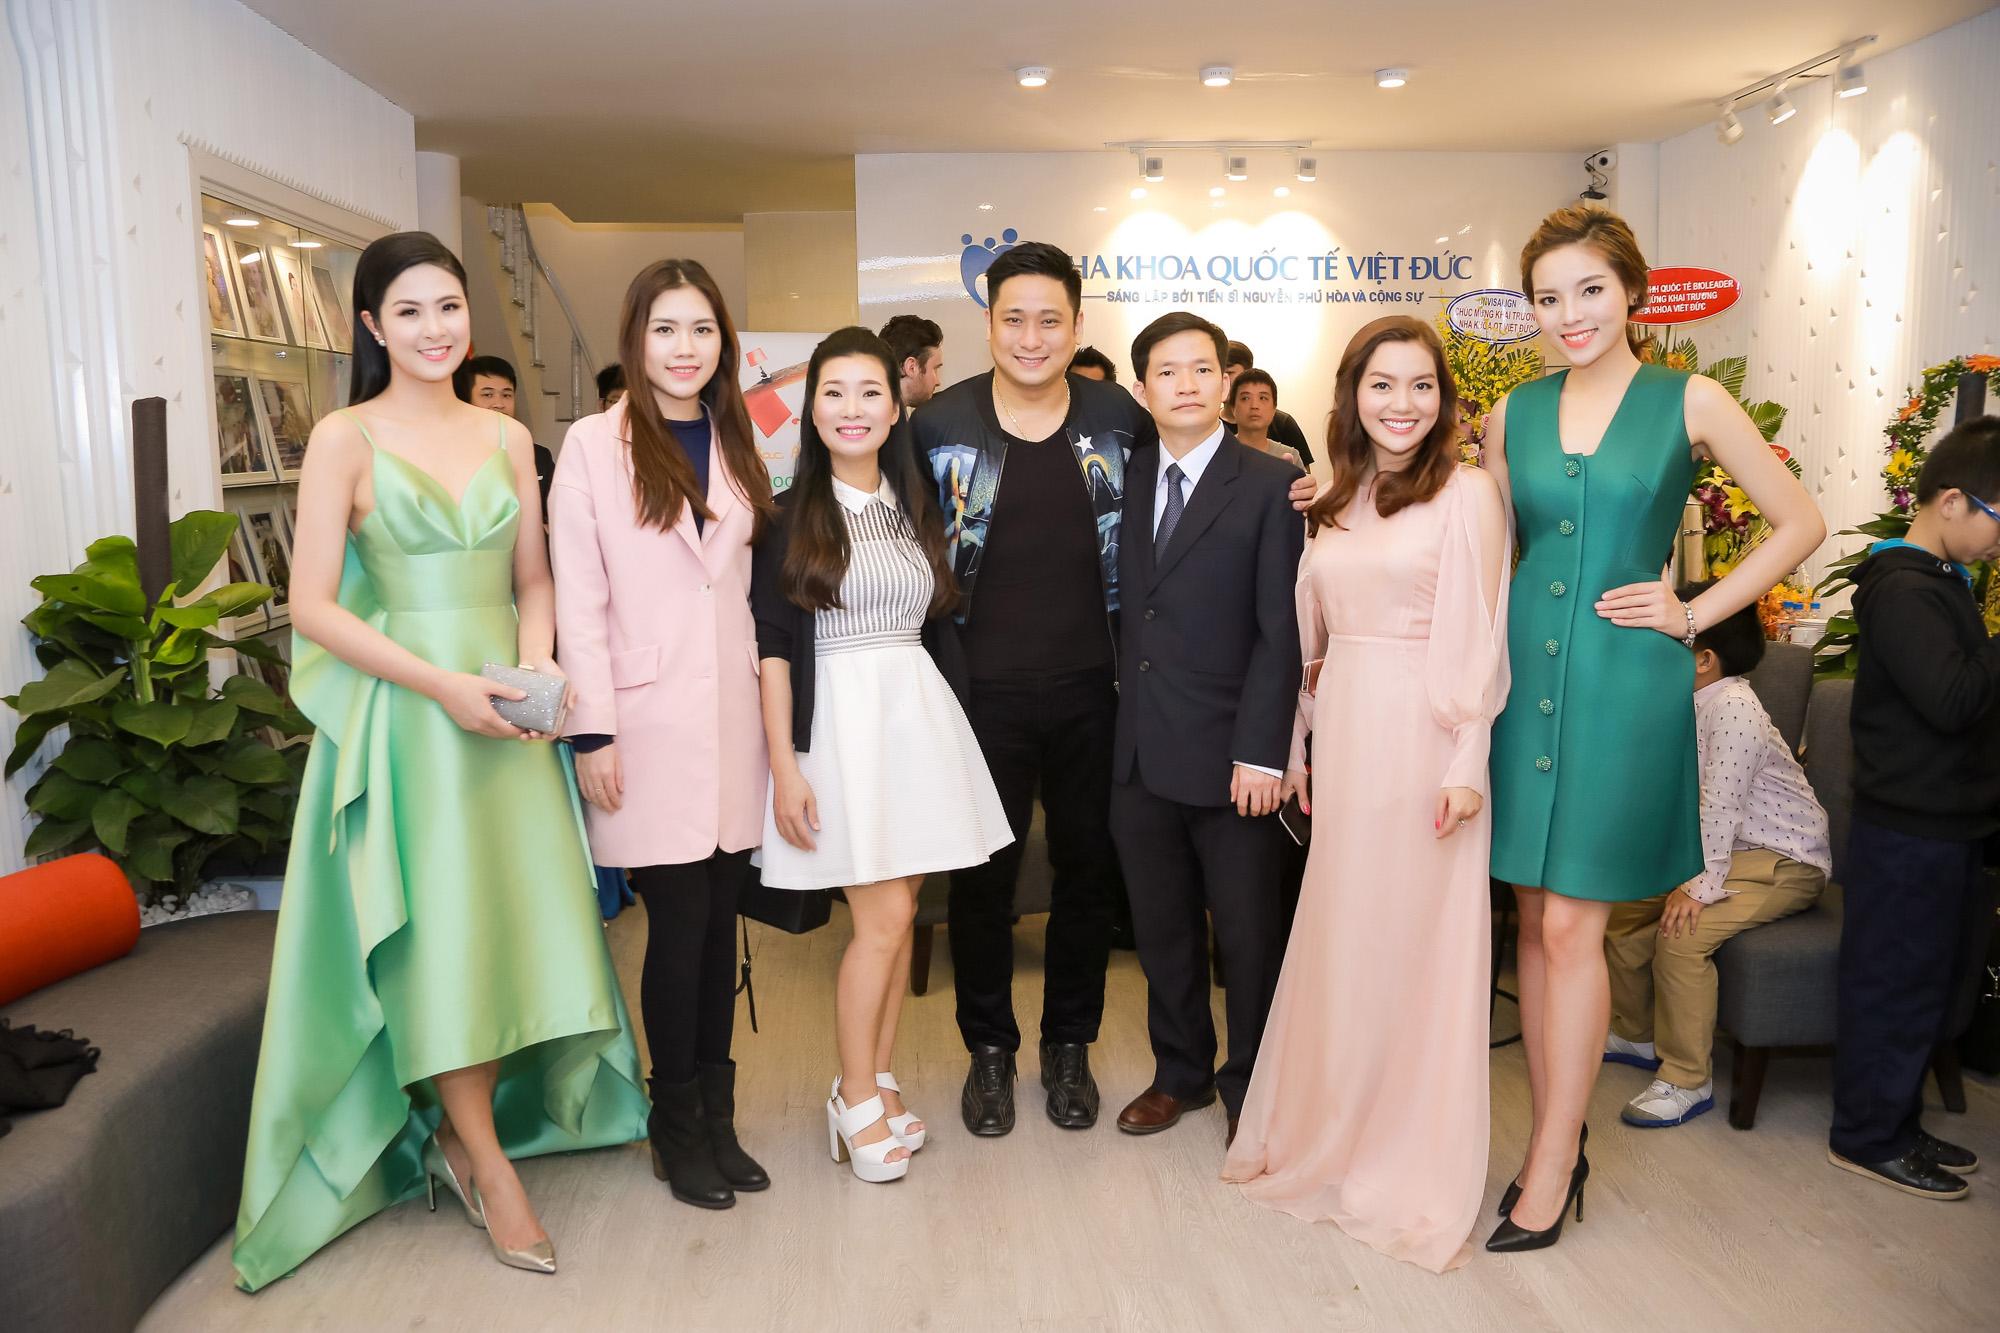 Dàn ngôi sao hội tụ tại Nha khoa Quốc Tế Việt Đức